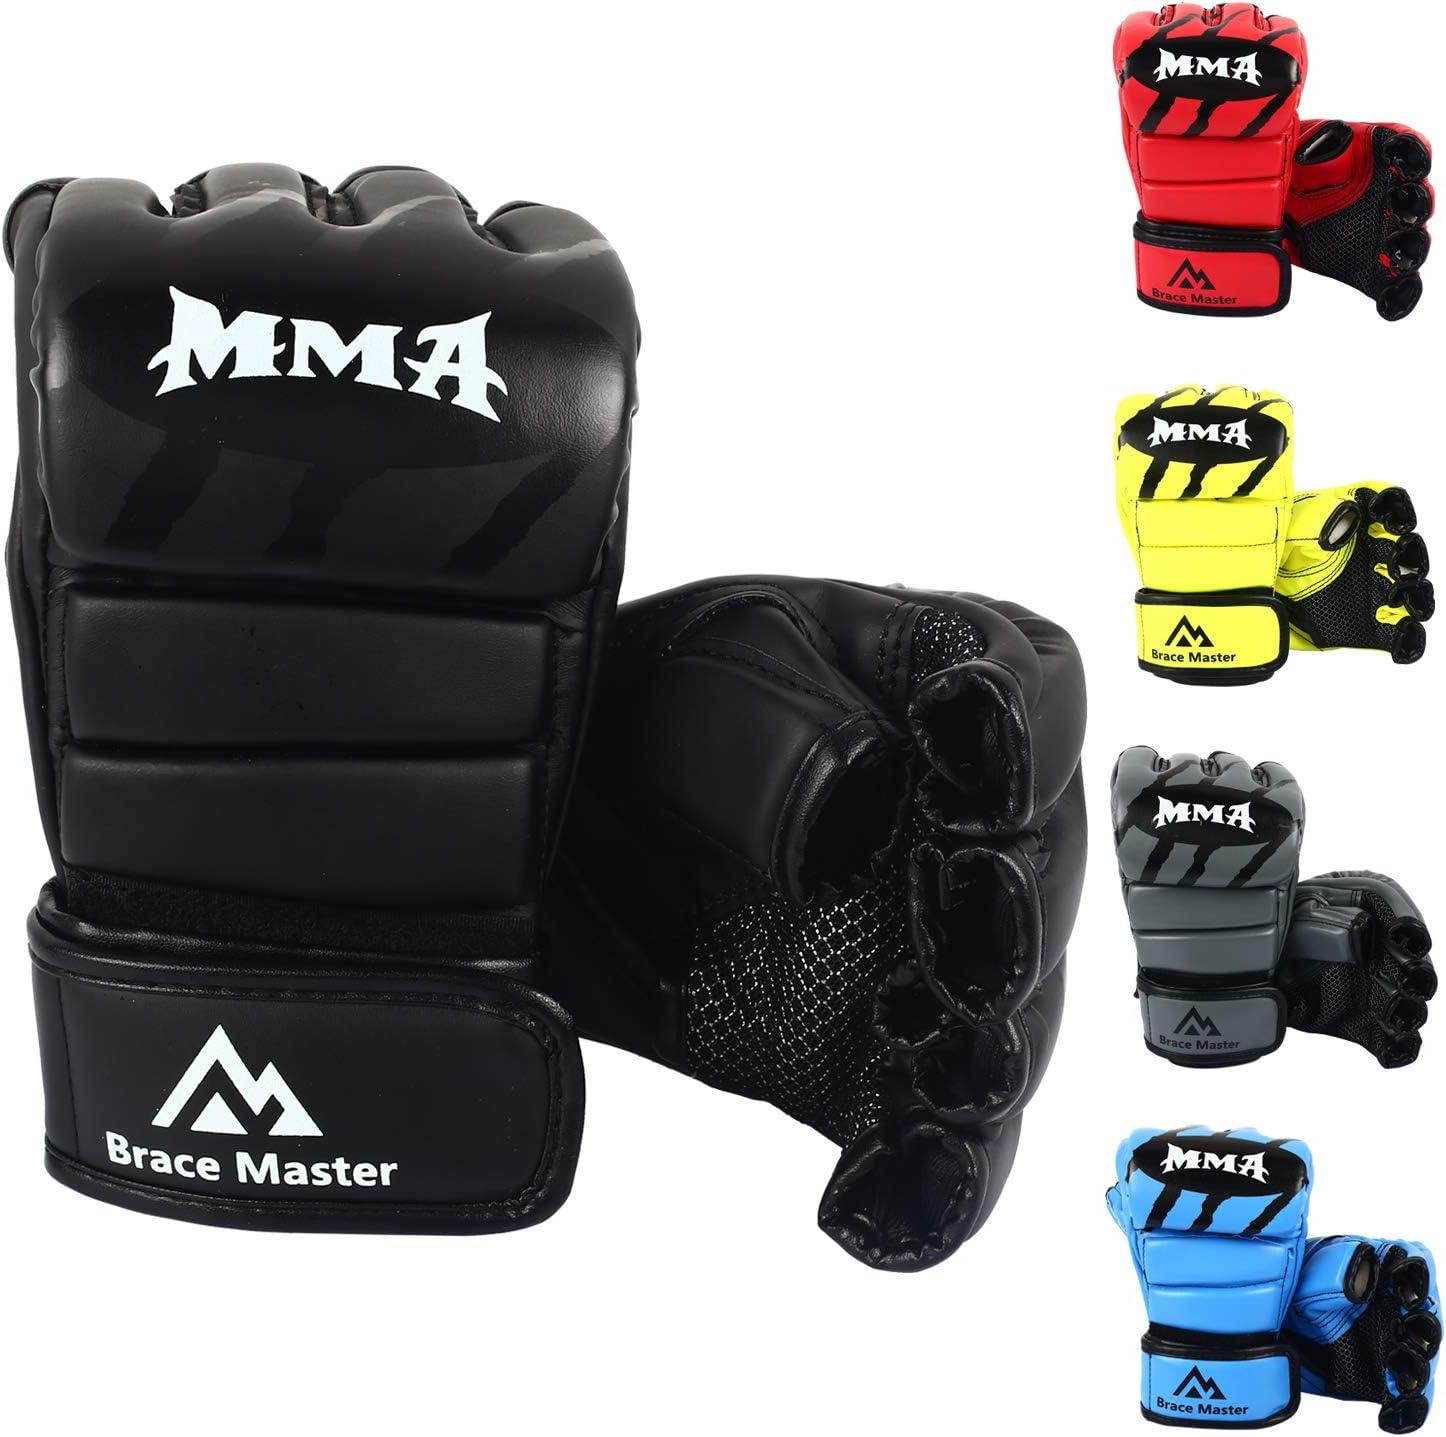 Brace Master MMA Gloves Guantes UFC Guantes de Boxeo para Hombres Mujeres Cuero Más Acolchado Saco de Boxeo sin Dedos Guantes para Kickboxing, Sparring, Muay Thai y Heavy Bag